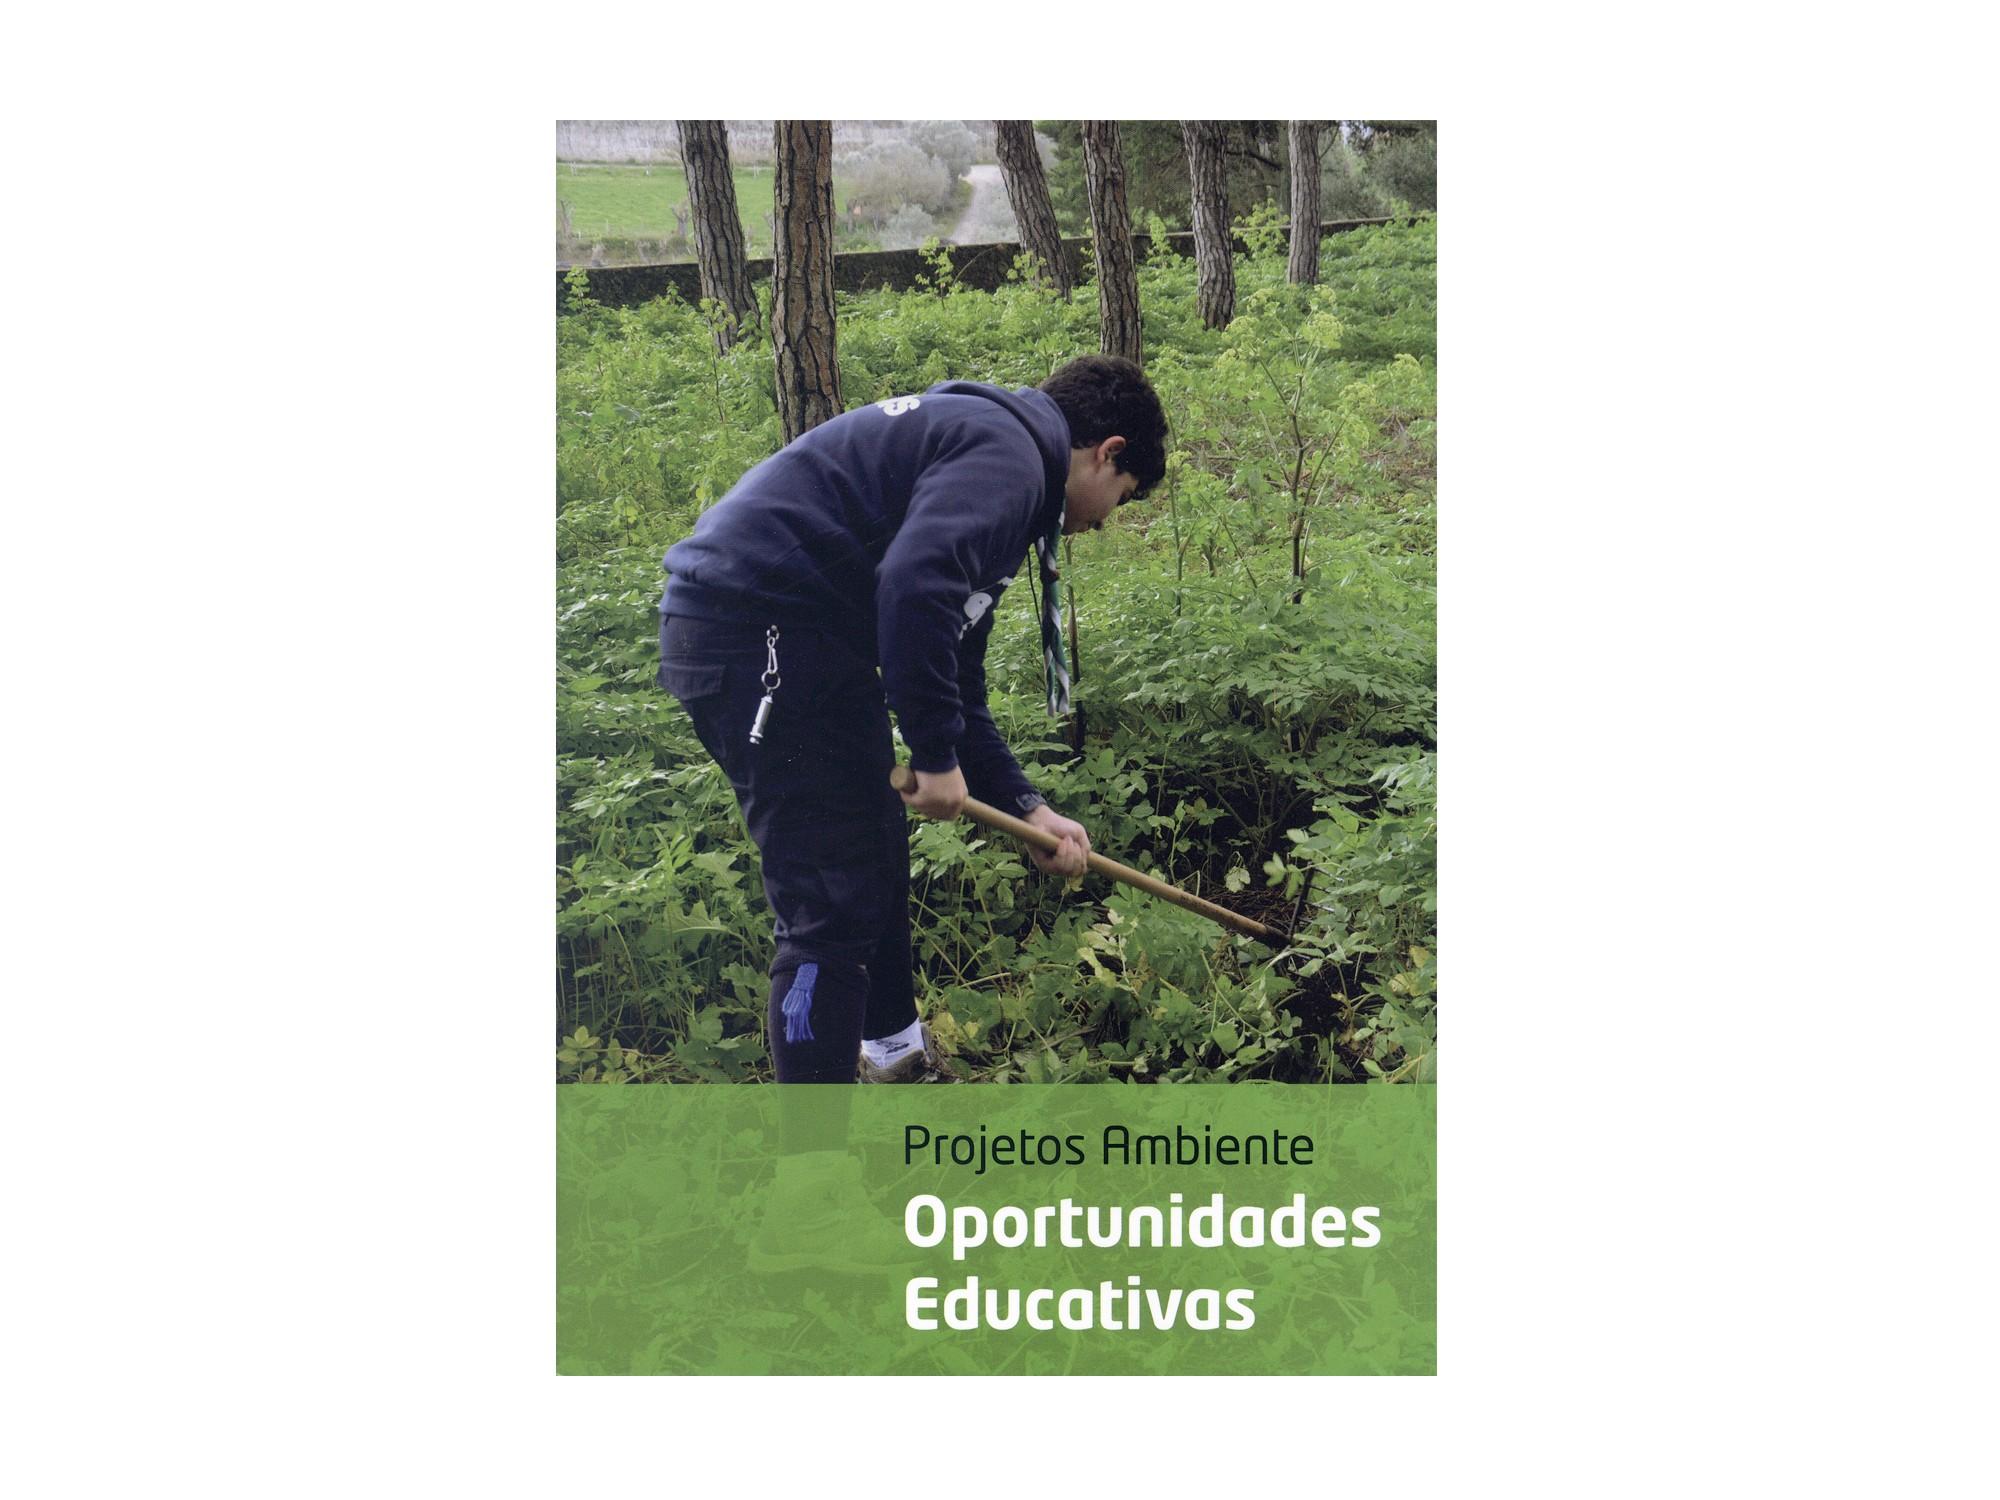 Projetos de Ambiente - Oportunidades Educativas